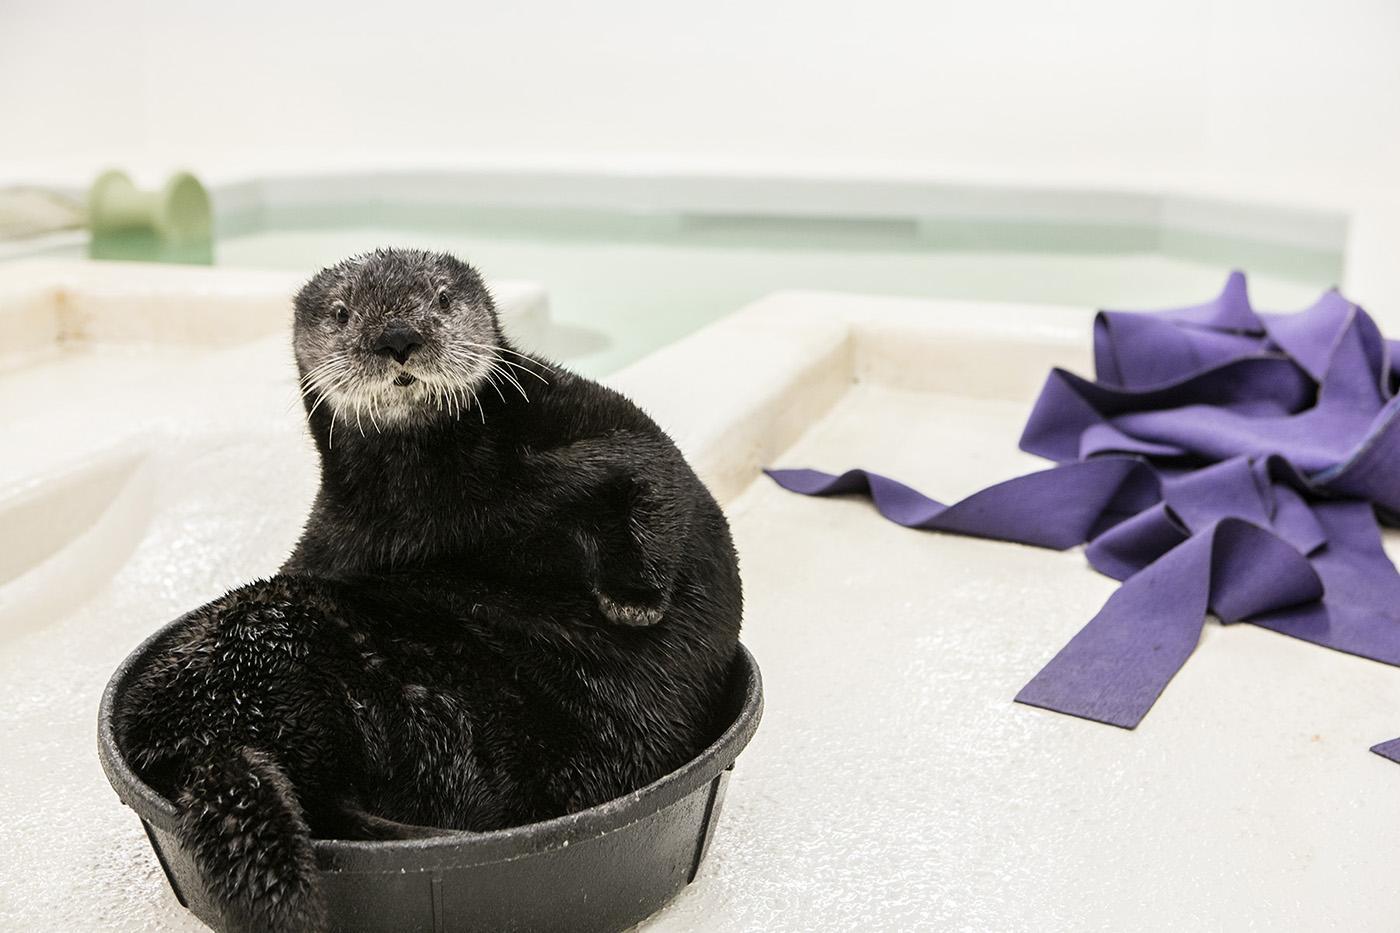 Luna, a rescued sea otter pup at Shedd Aquarium. Photo: ©Shedd Aquarium